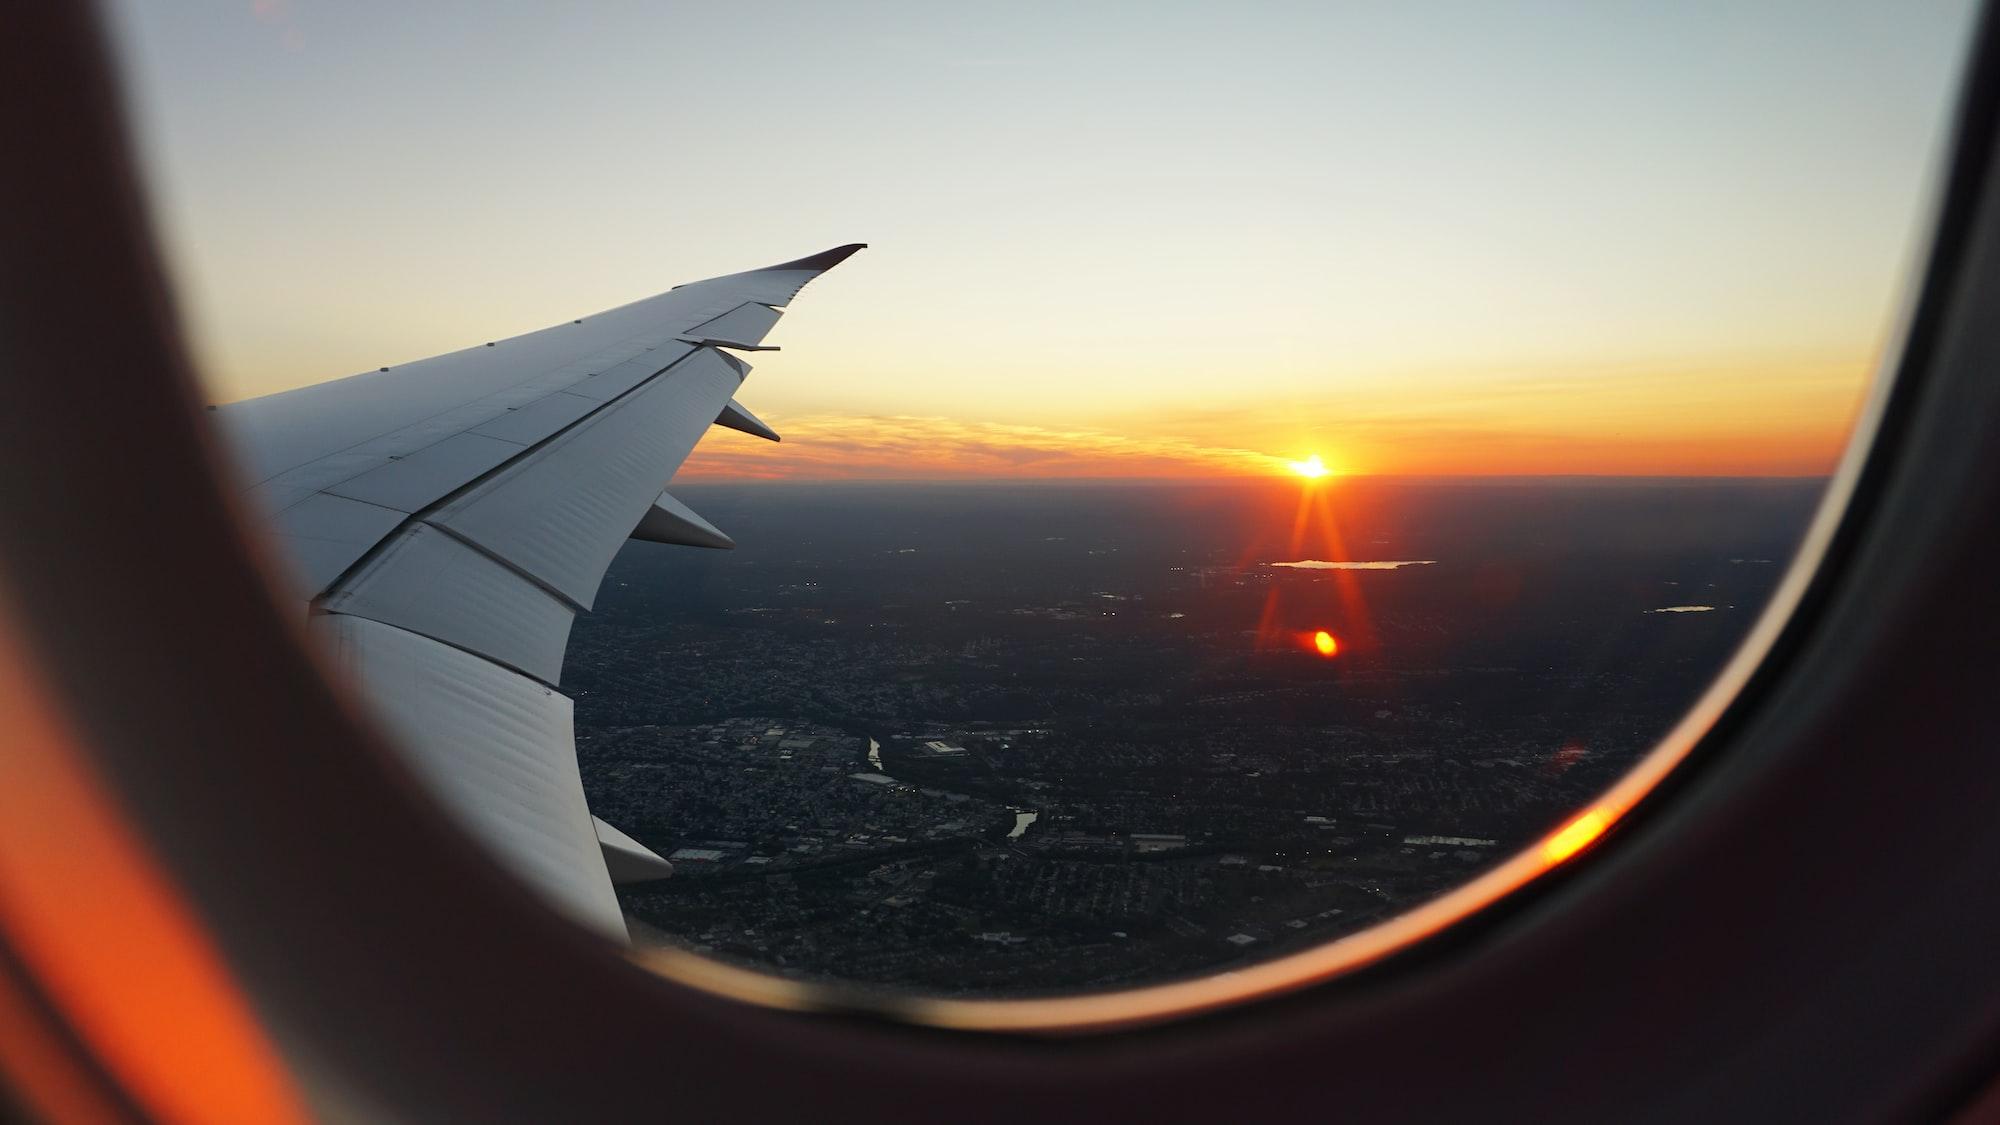 En este avión, que llamamos vida, no viajamos solos.